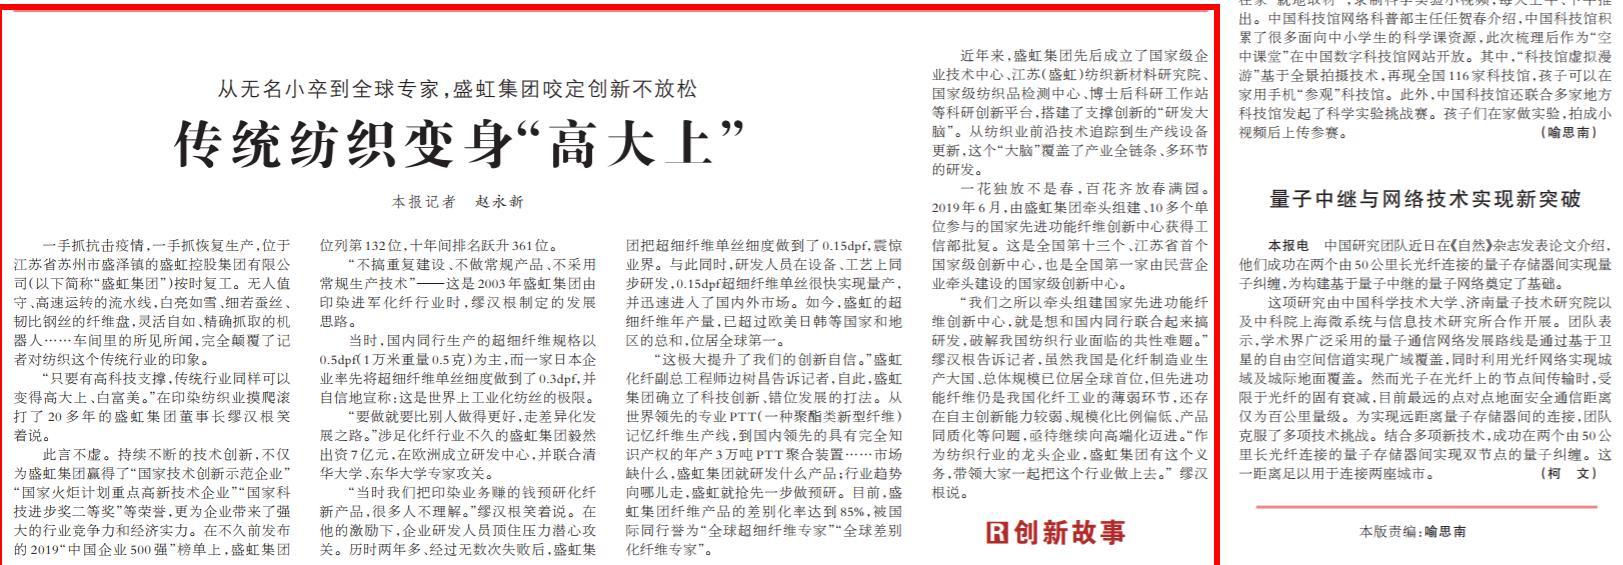 人民日报关注这家江苏企业:从无